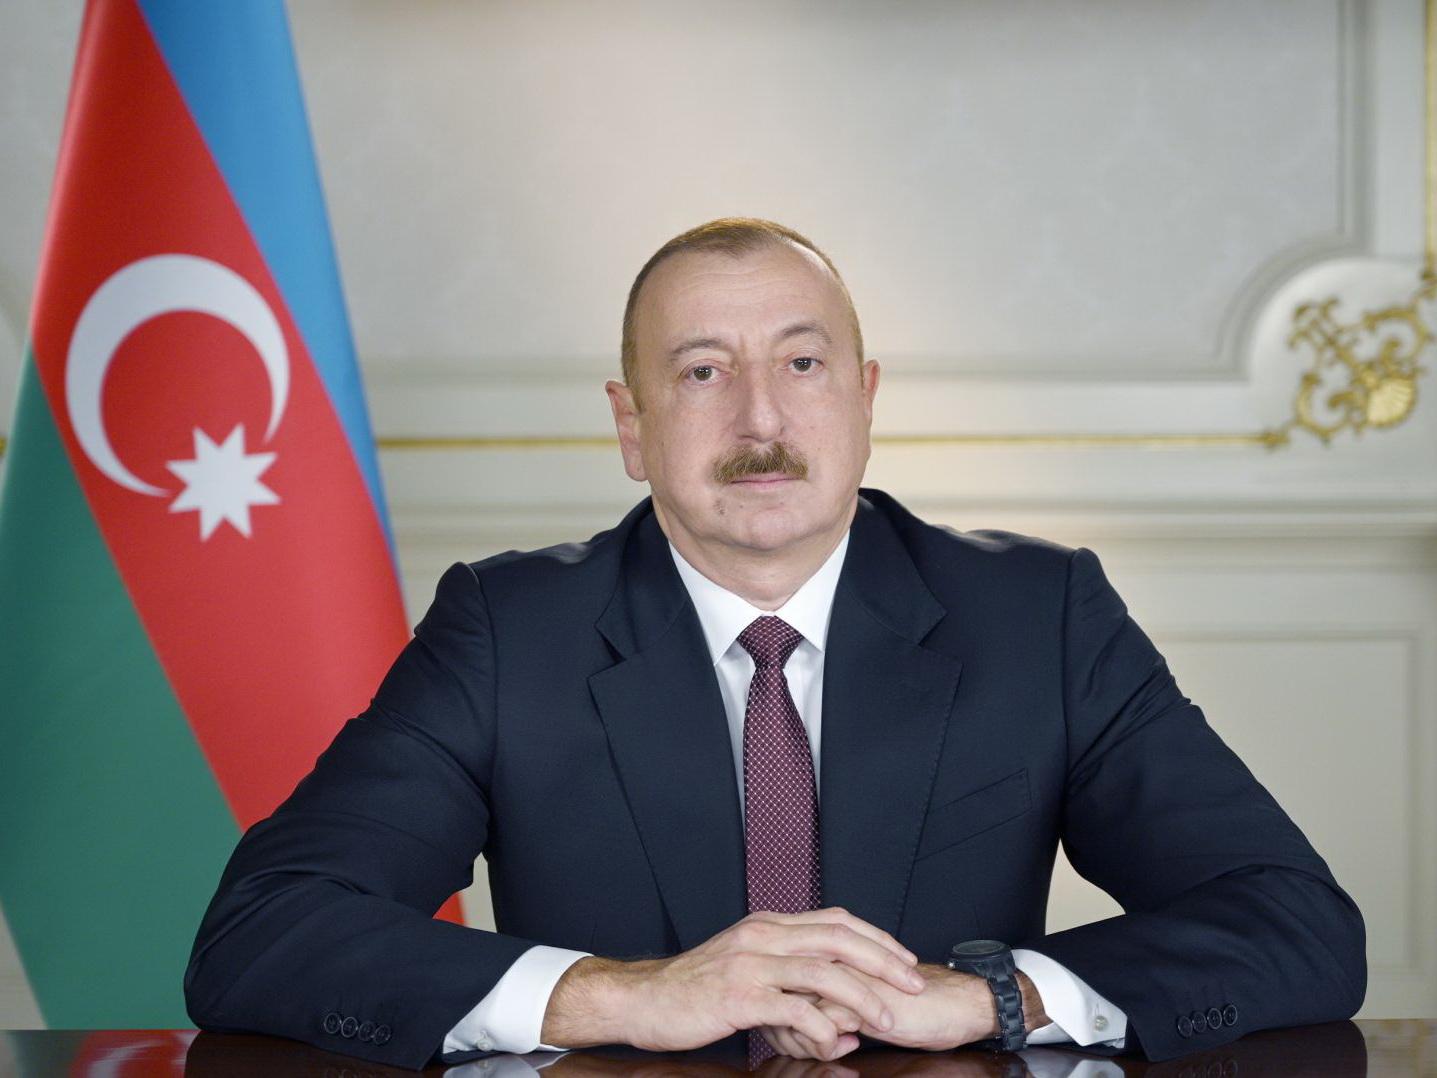 Государственная регистрация рождения и смерти в Азербайджане будет осуществляться в электронном виде